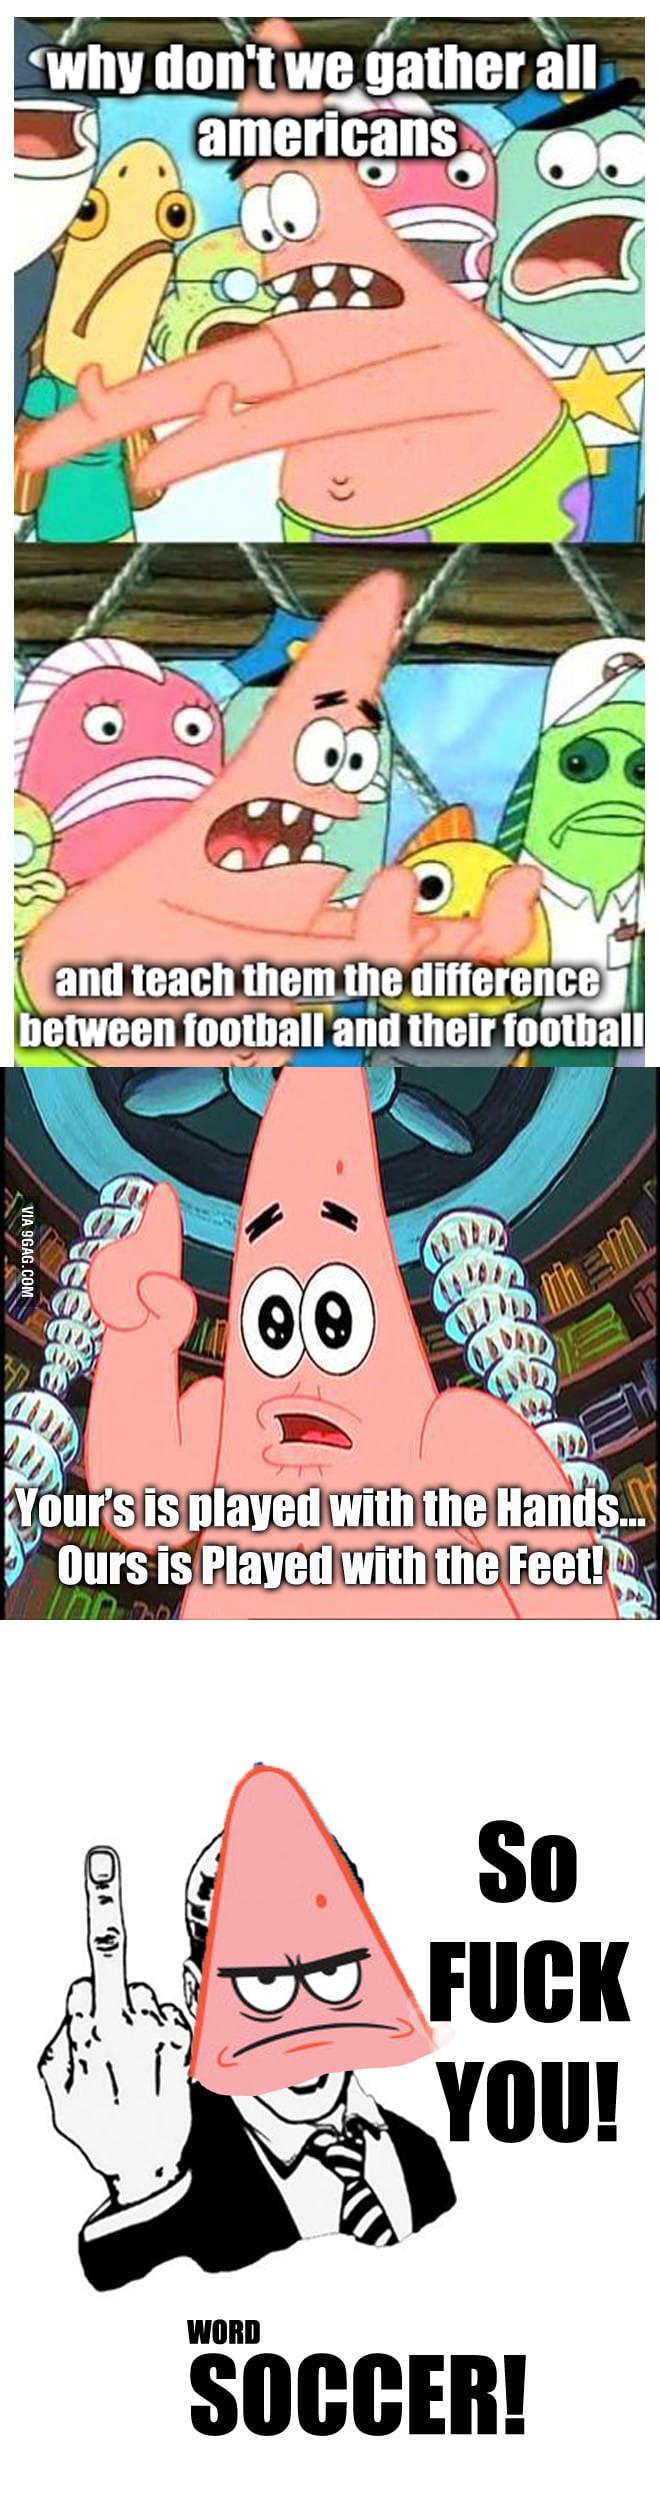 Soccer Hater Patrick!